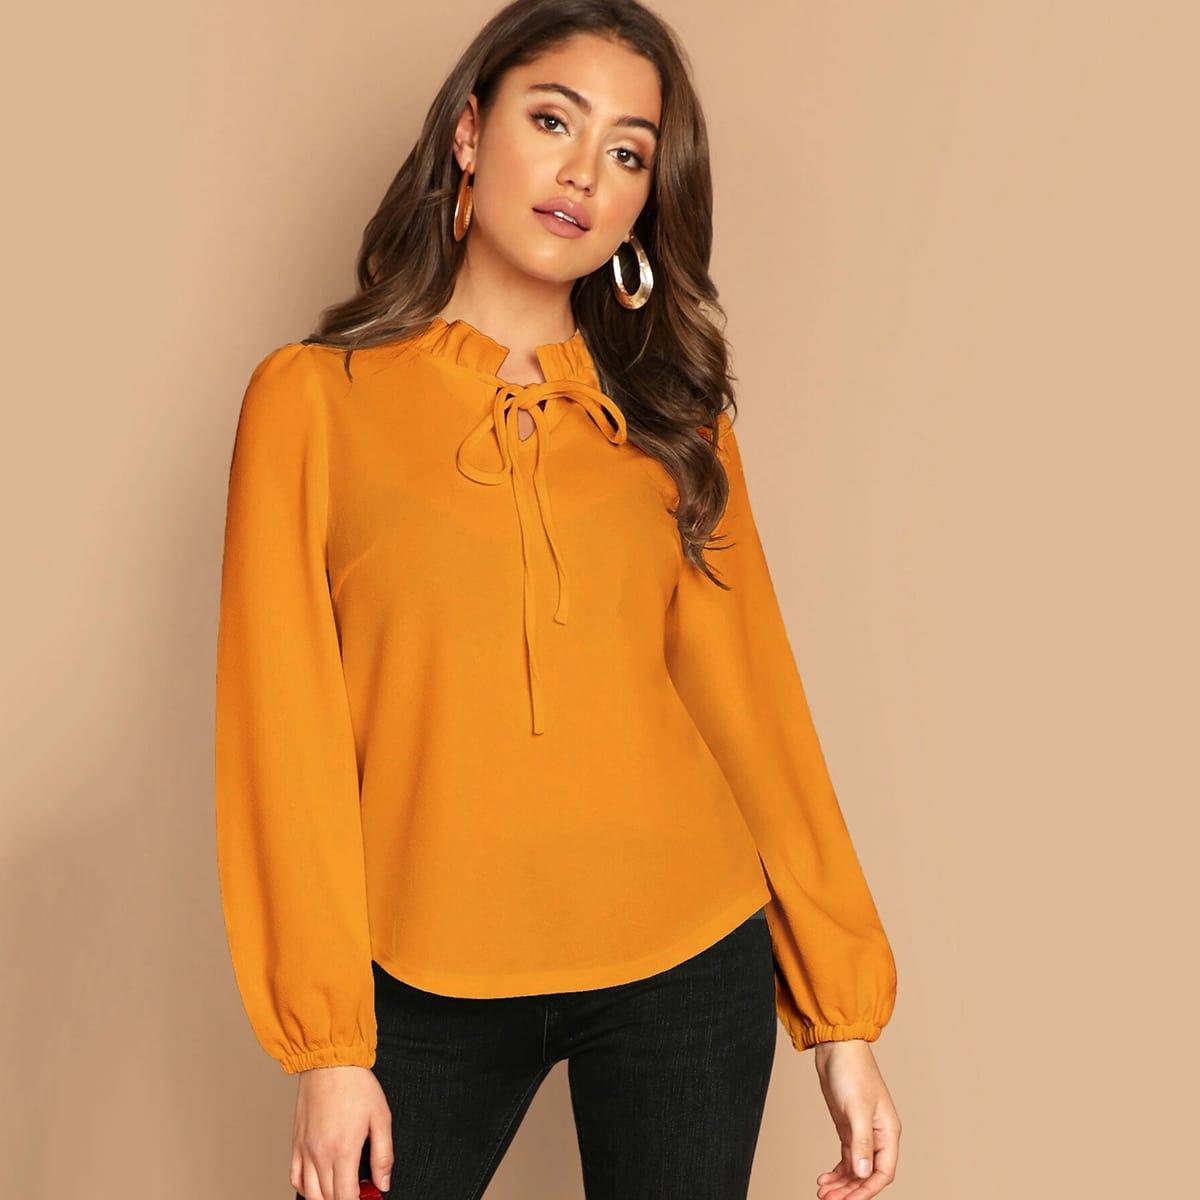 Однотонная блузка с завязкой на шее и складкой